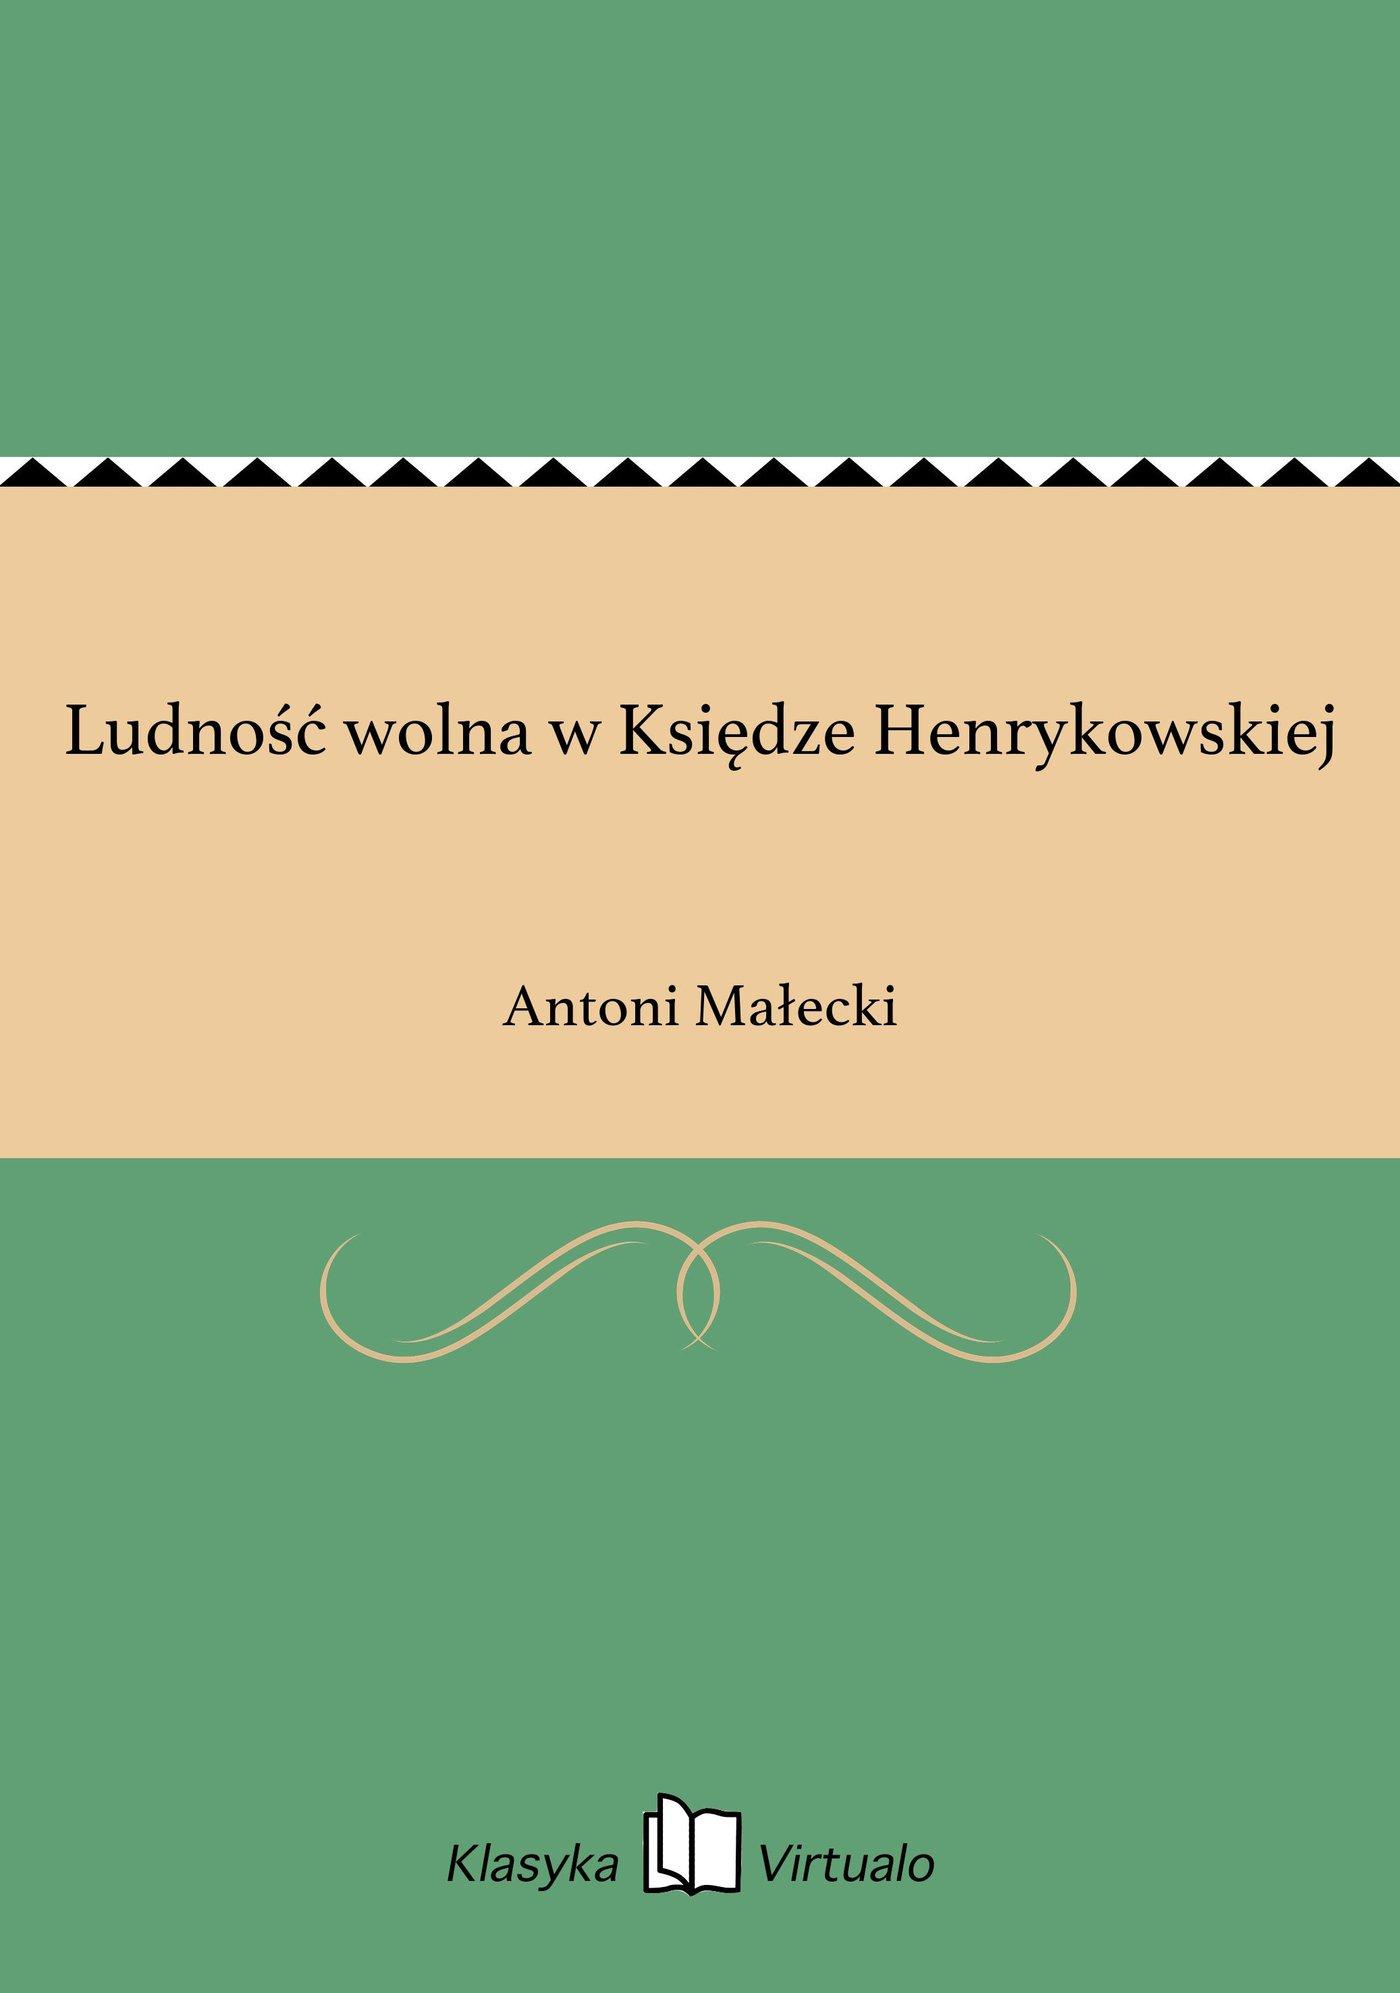 Ludność wolna w Księdze Henrykowskiej - Ebook (Książka EPUB) do pobrania w formacie EPUB